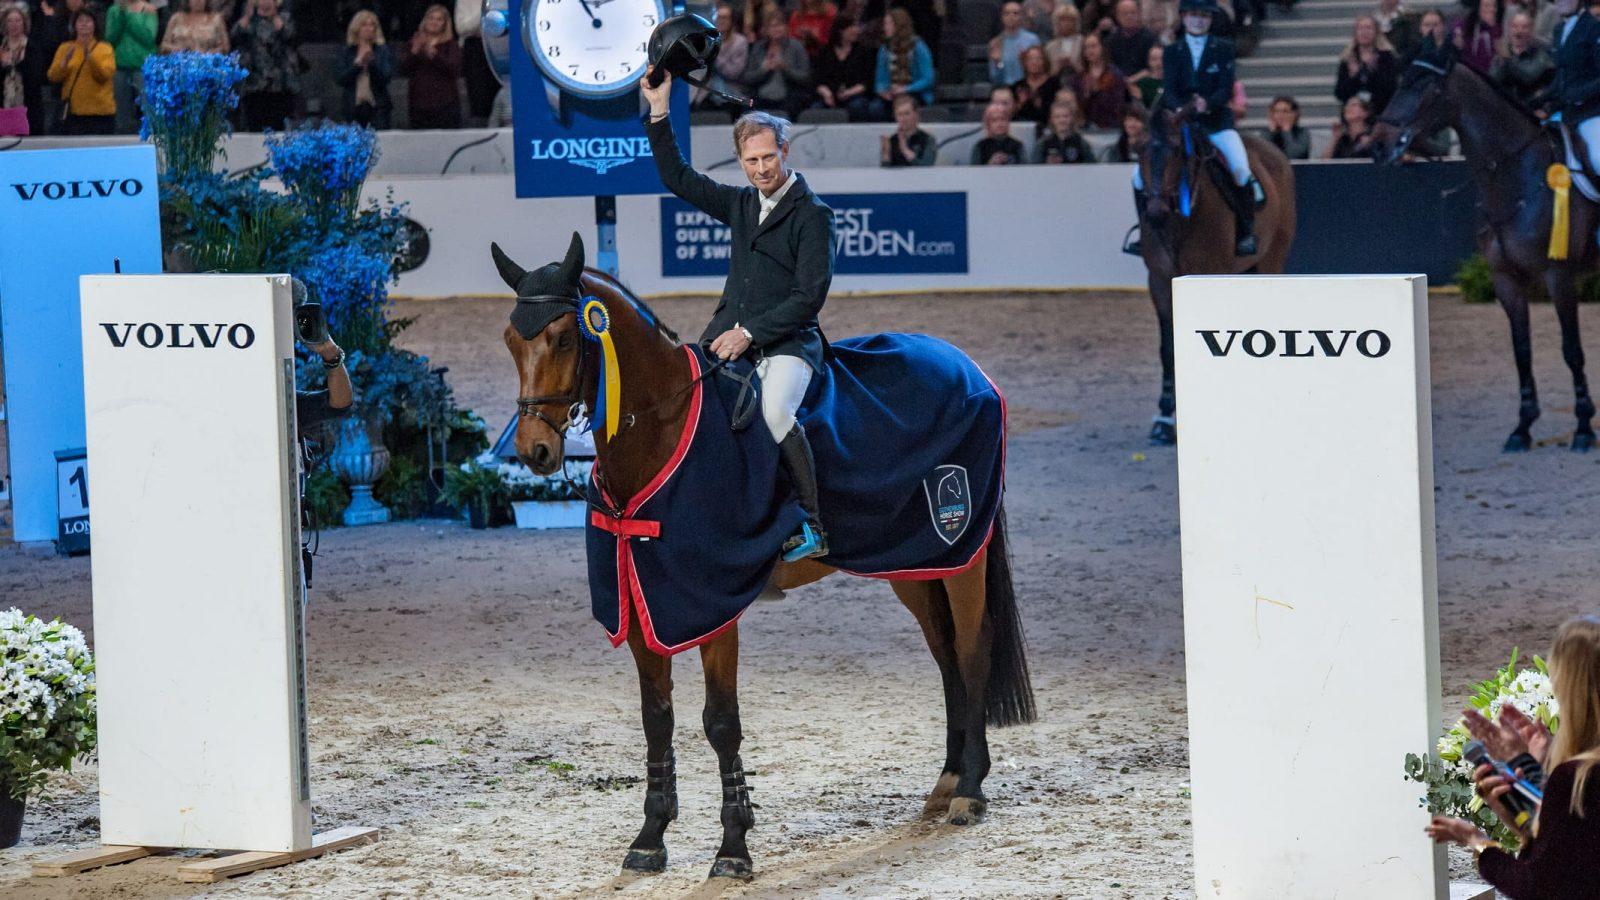 Rolf-Göran Bengtsson siegt in der Gothenburg-Trophy